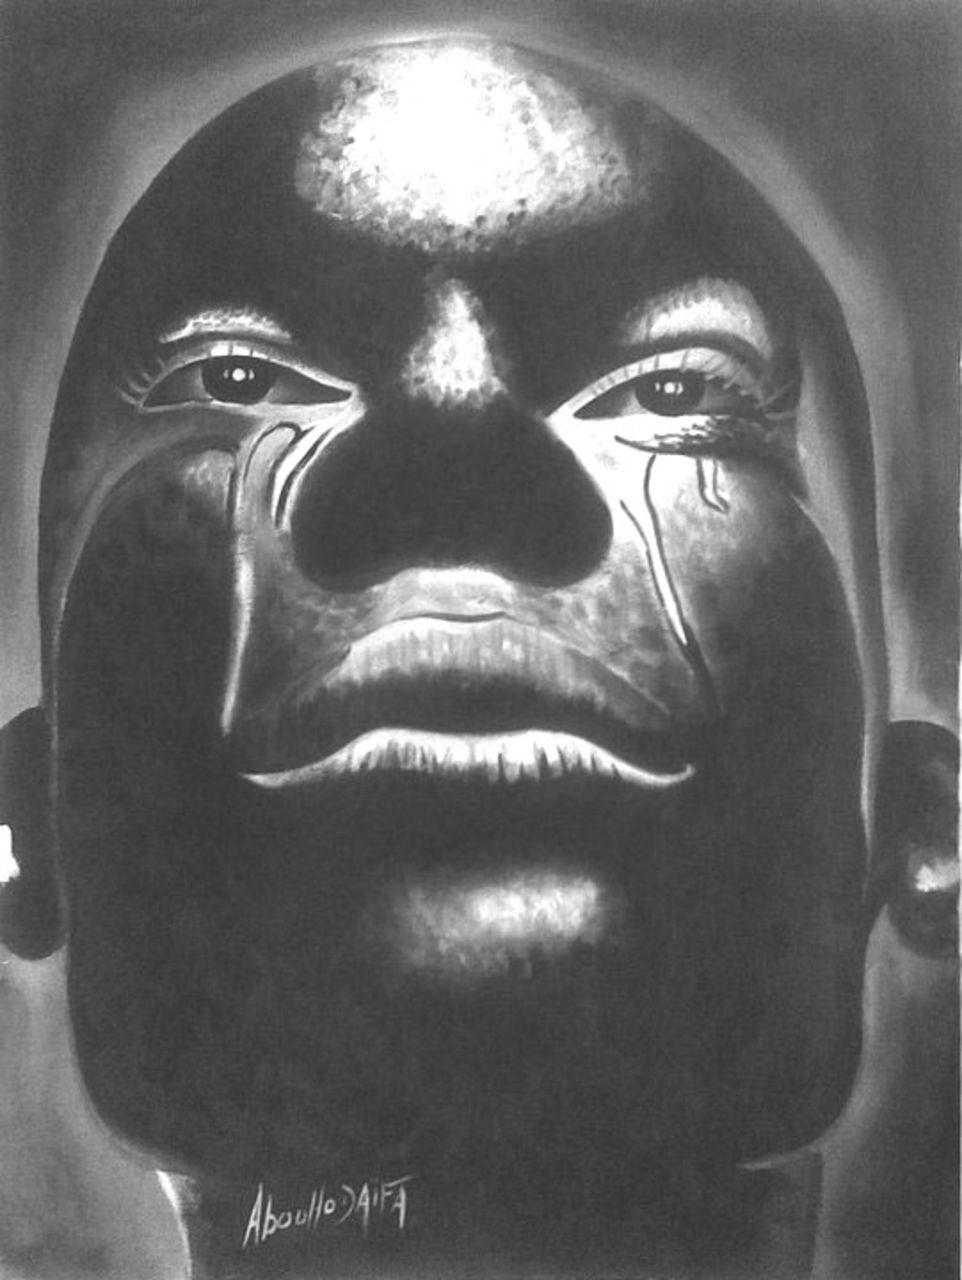 jamal Abouhodaifa pleur de l'afrique